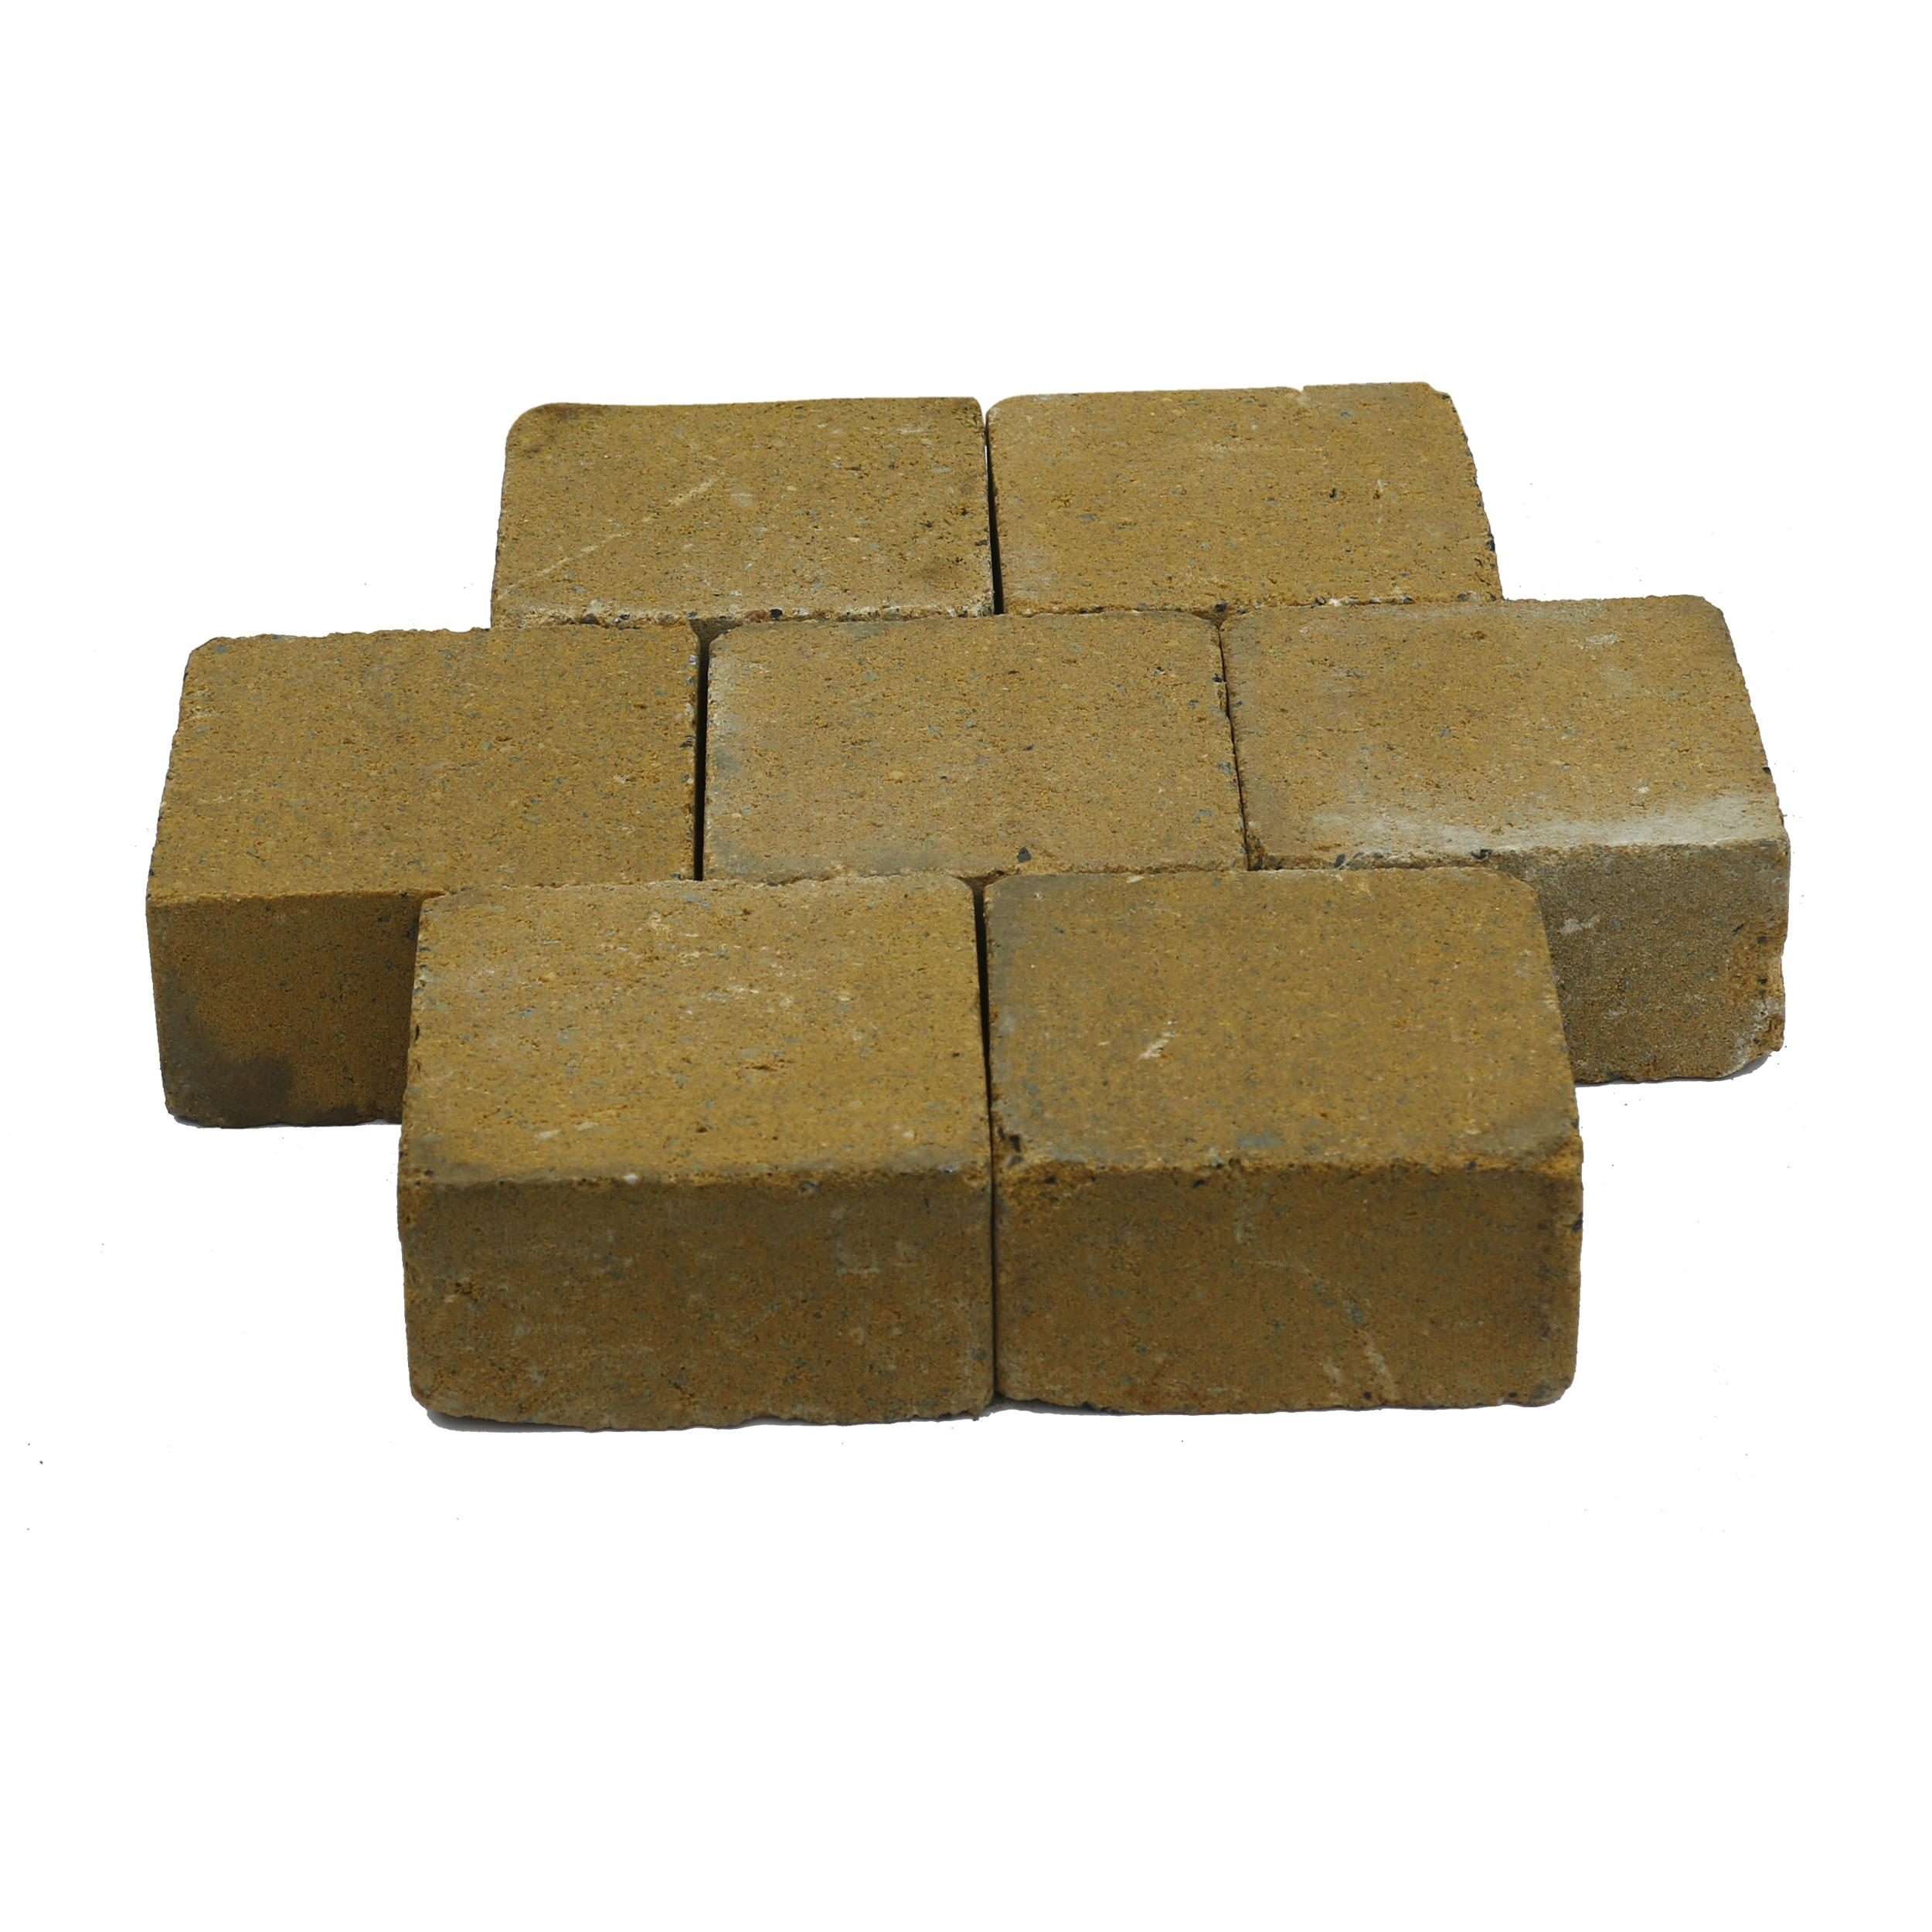 Trommelsteen Beton Geel 14x14x7 cm - 315 Stuks - 6,18 m2